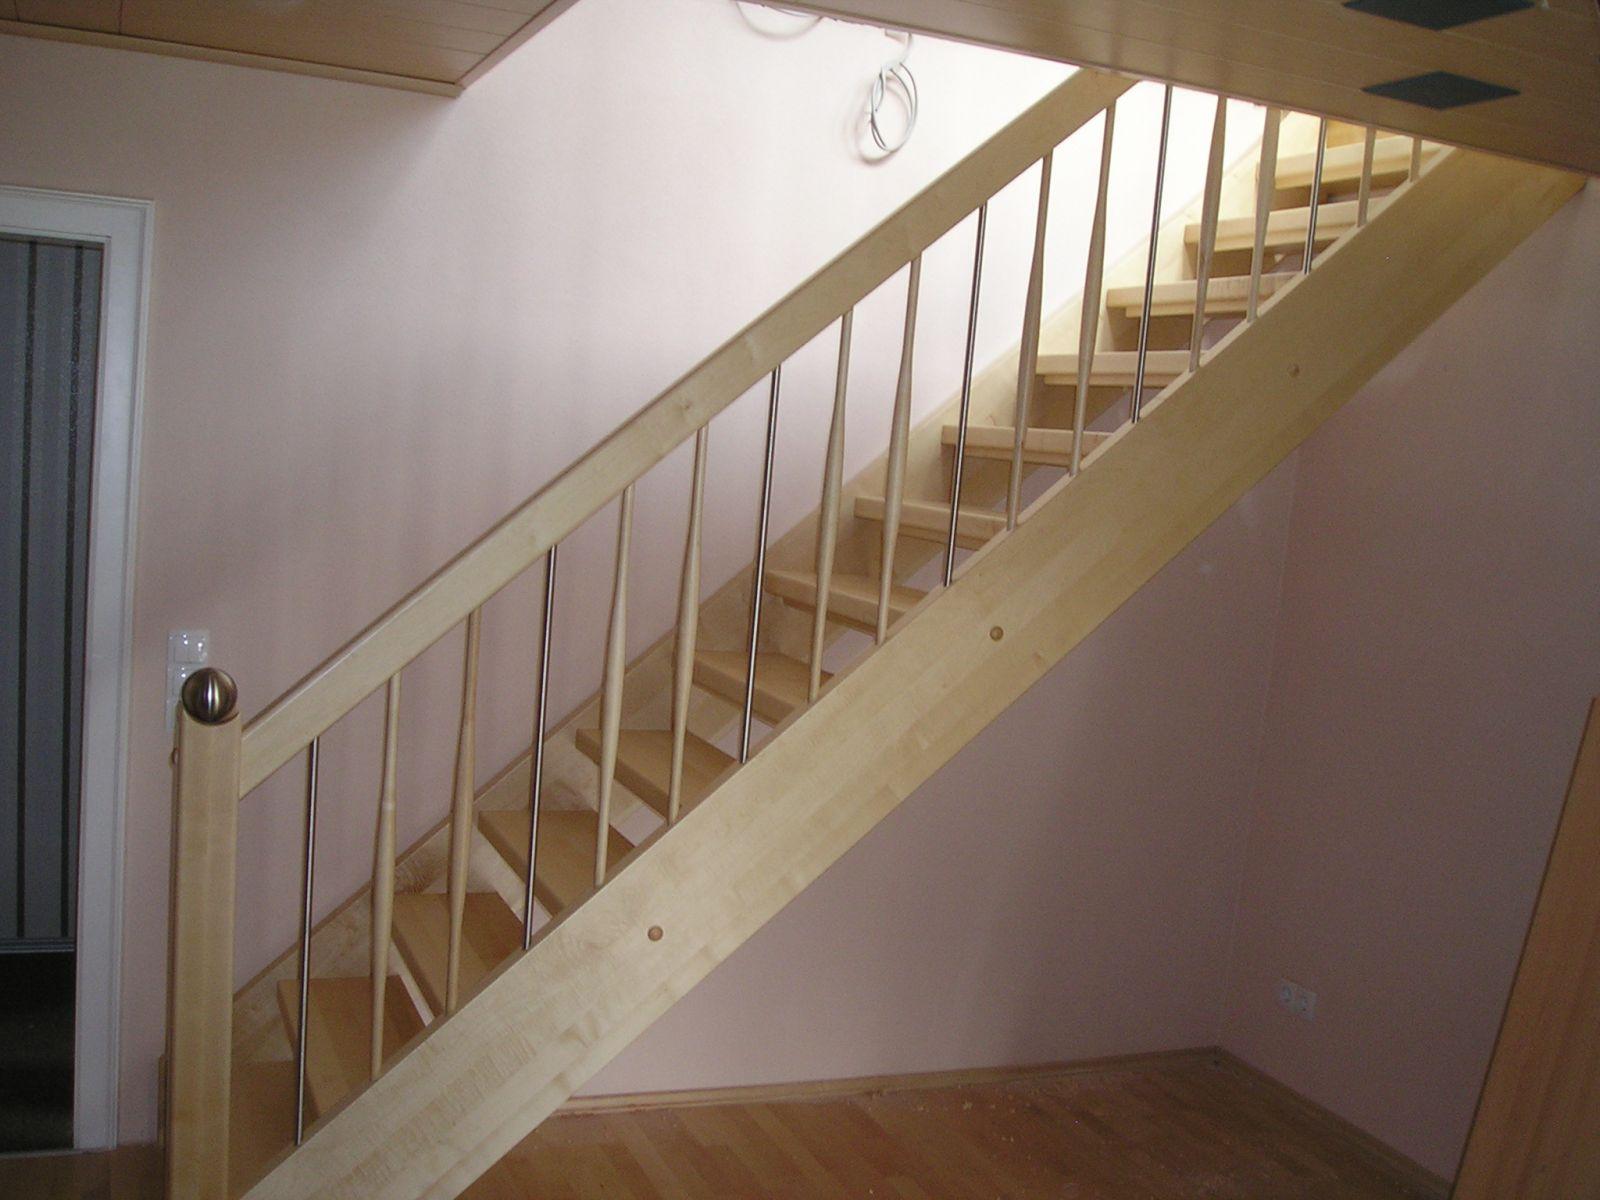 Geradläufige Treppe schreinerei weiß martinshöhe1 92277 hohenburg